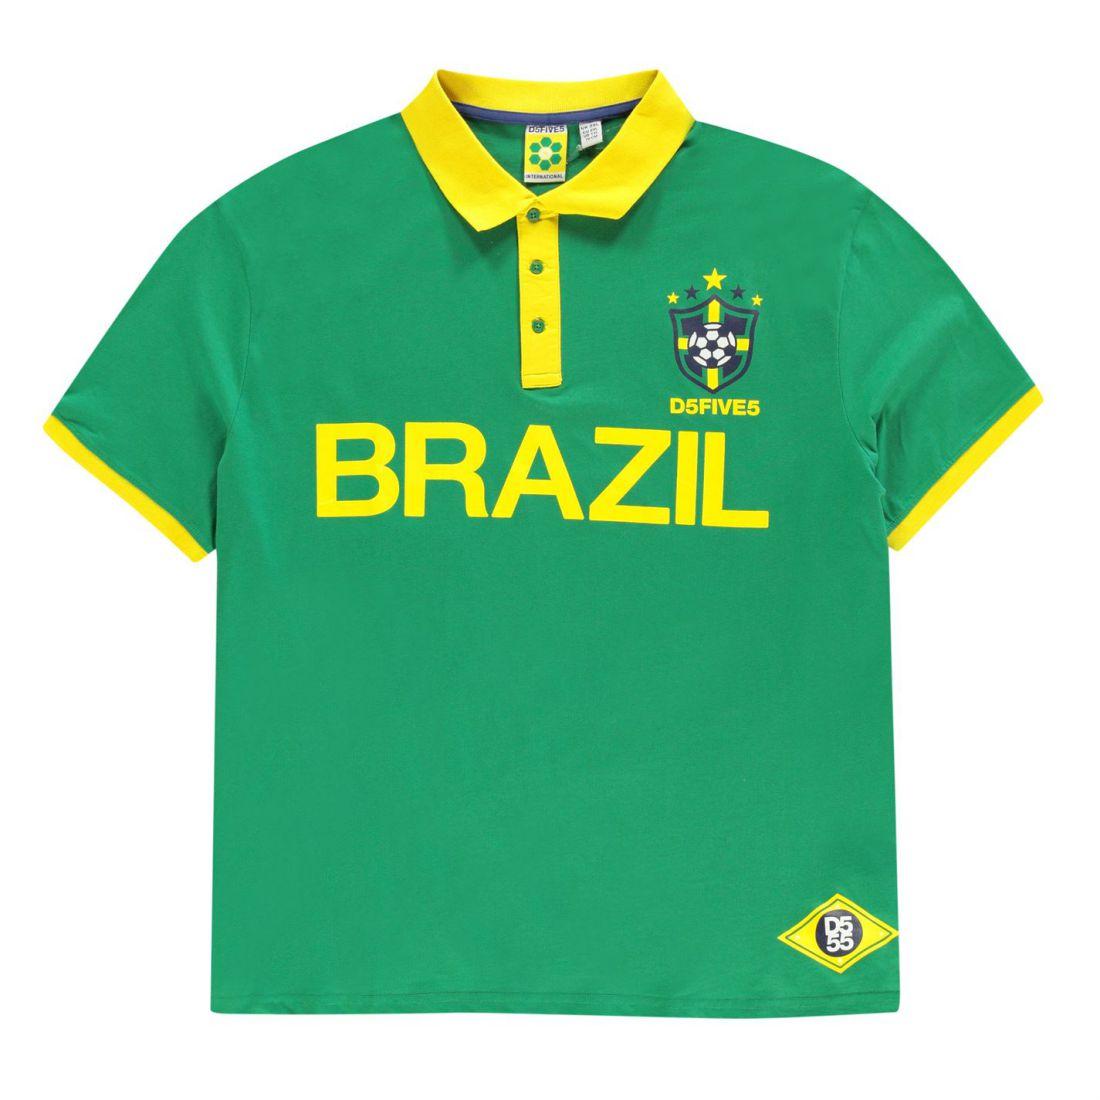 39b41631ca3 D555 Silva Brazil Polo Shirt Mens Gents Classic Fit Tee Top Short ...